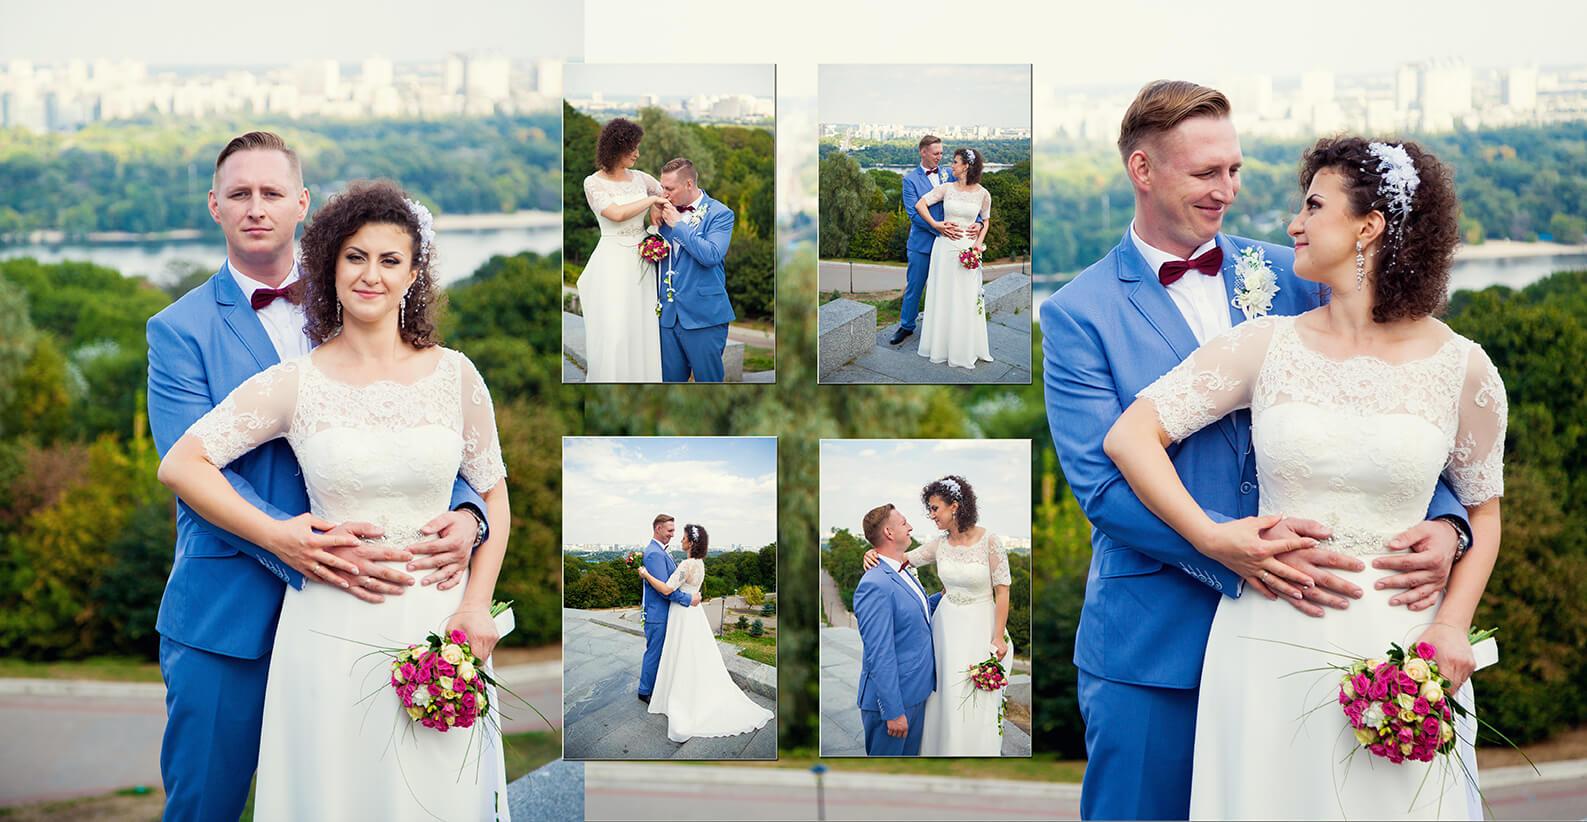 svadebnaja-fotokniga-albom-zakazat-fotograf-kiev-primery-5